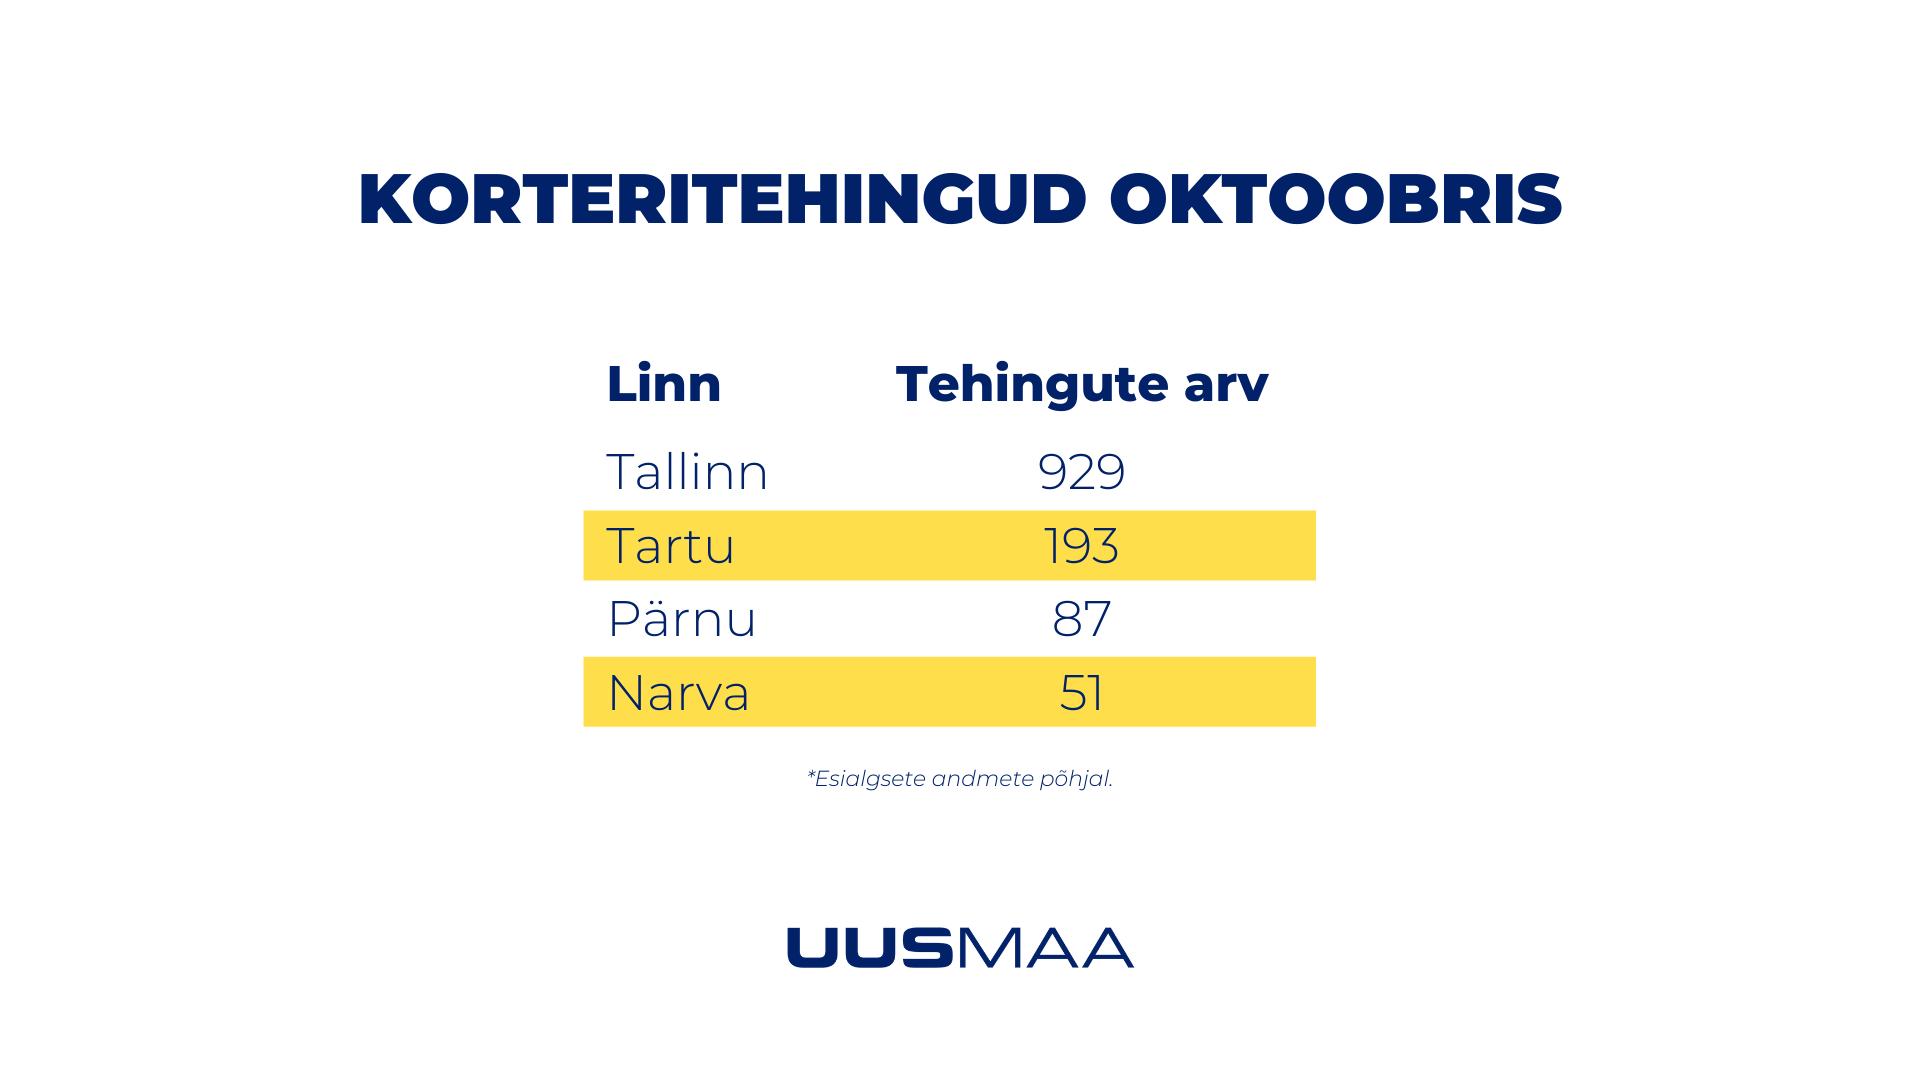 Korteritehingute arv oktoobris 4 suurimas linnas